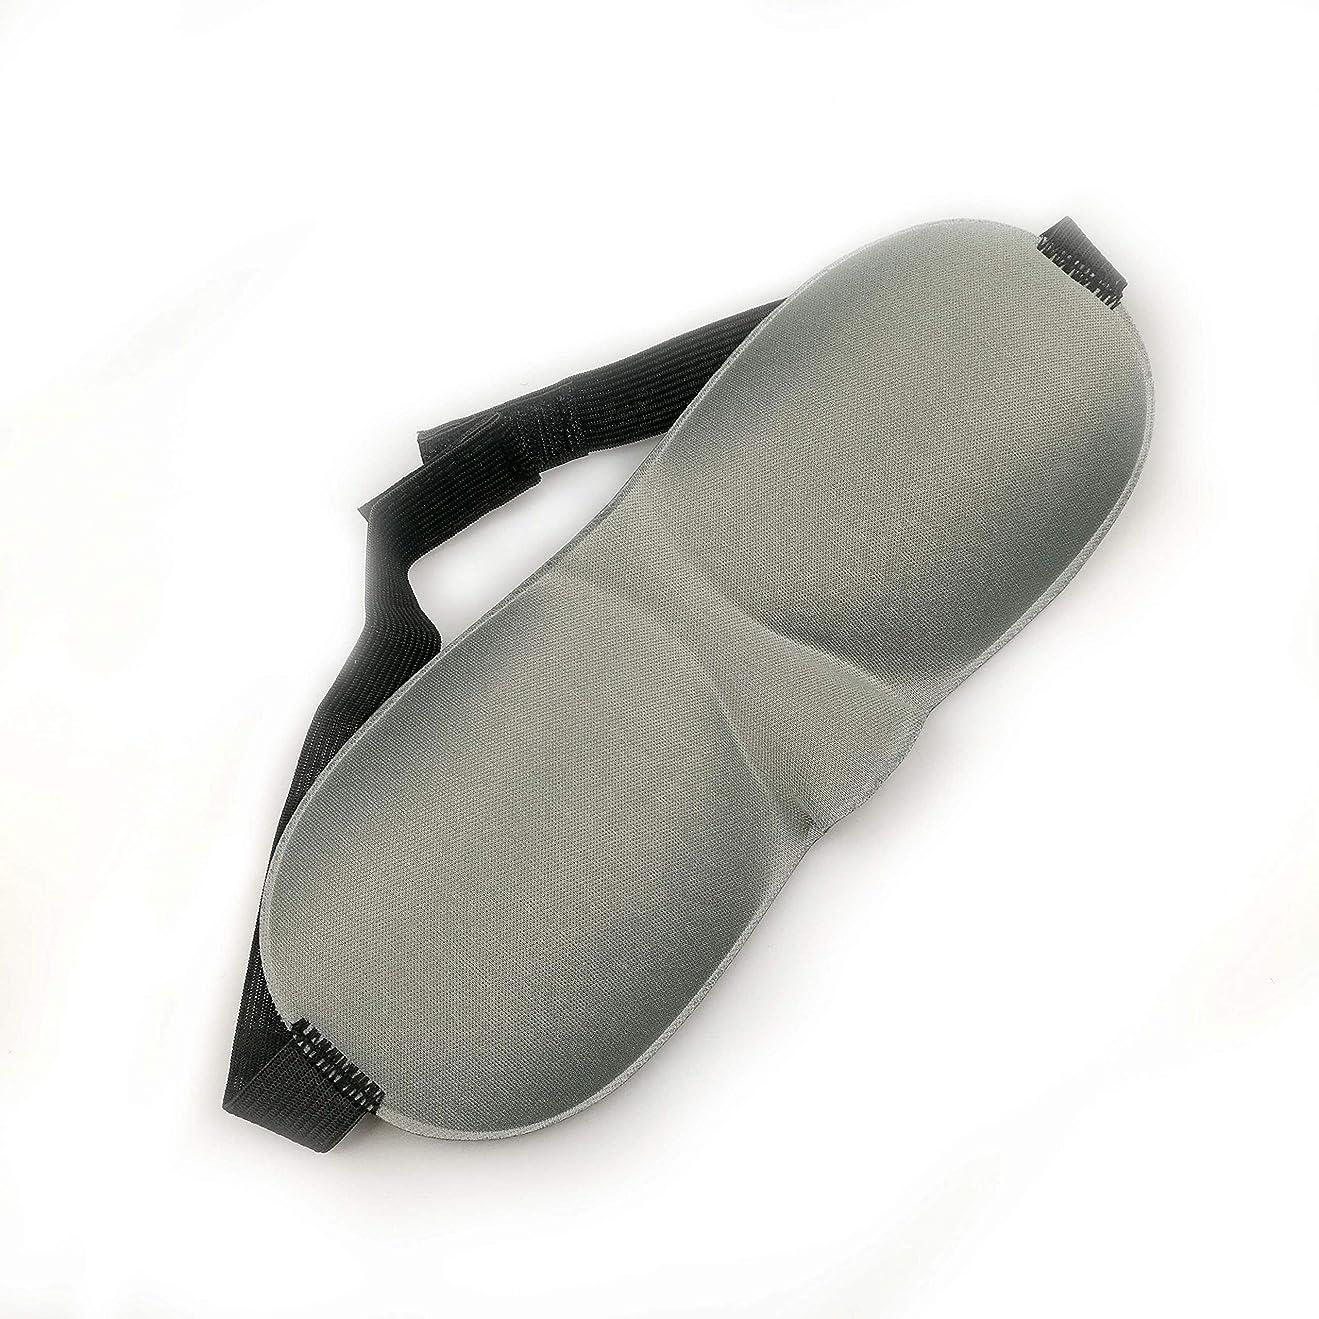 リーク発生警告するNOTE 1ピース3d睡眠ナチュラルスリーピングアイマスクアイシェードカバーシェードパッチ女性男性ソフトポータブル目隠し旅行アイパッチグレー